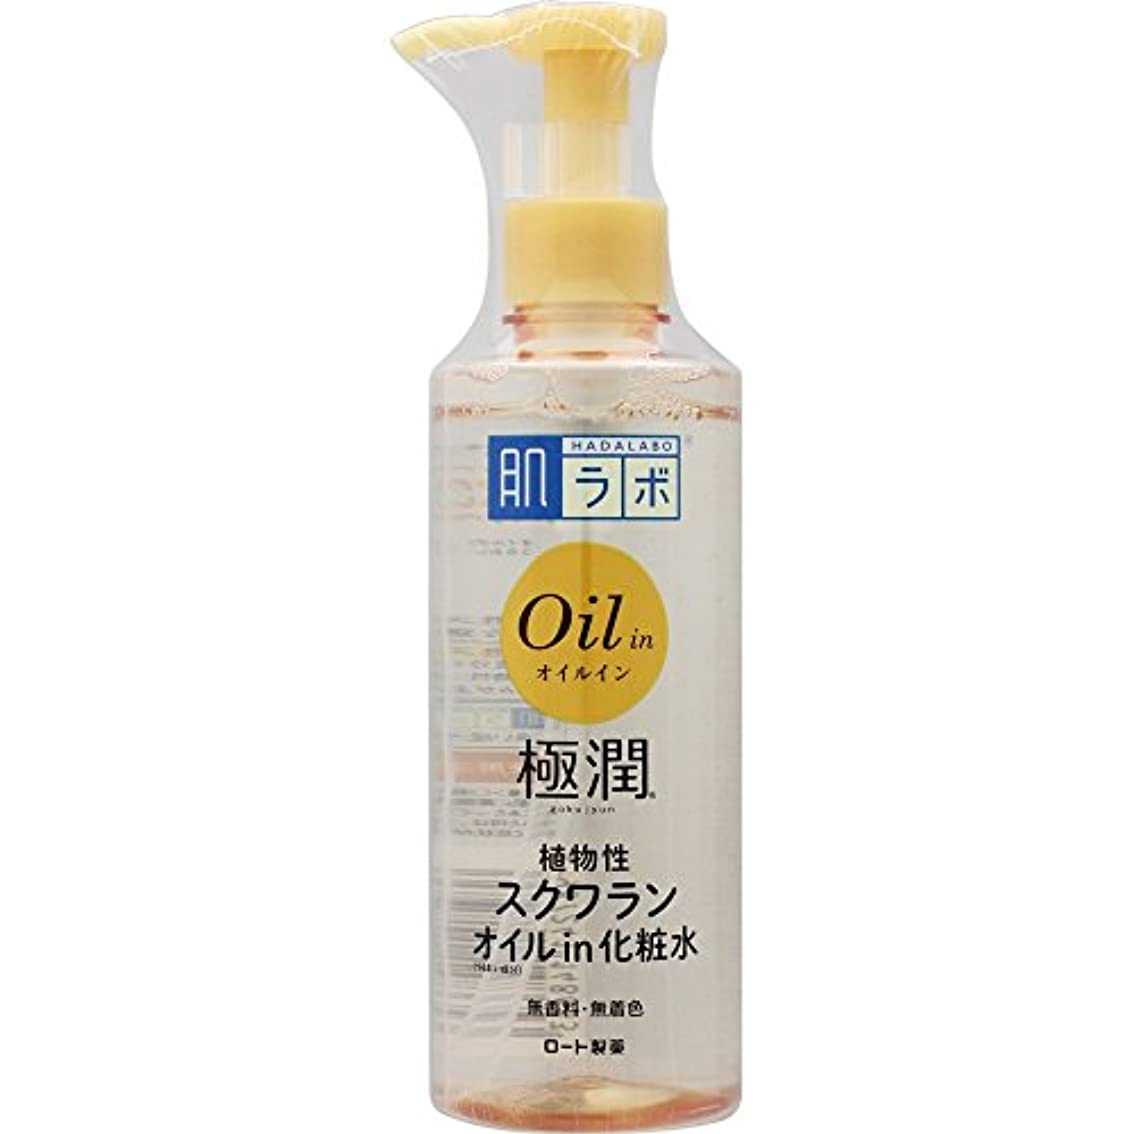 却下する一般的に言えば滑る肌ラボ 極潤オイルイン化粧水 植物性スクワランオイル配合 220ml